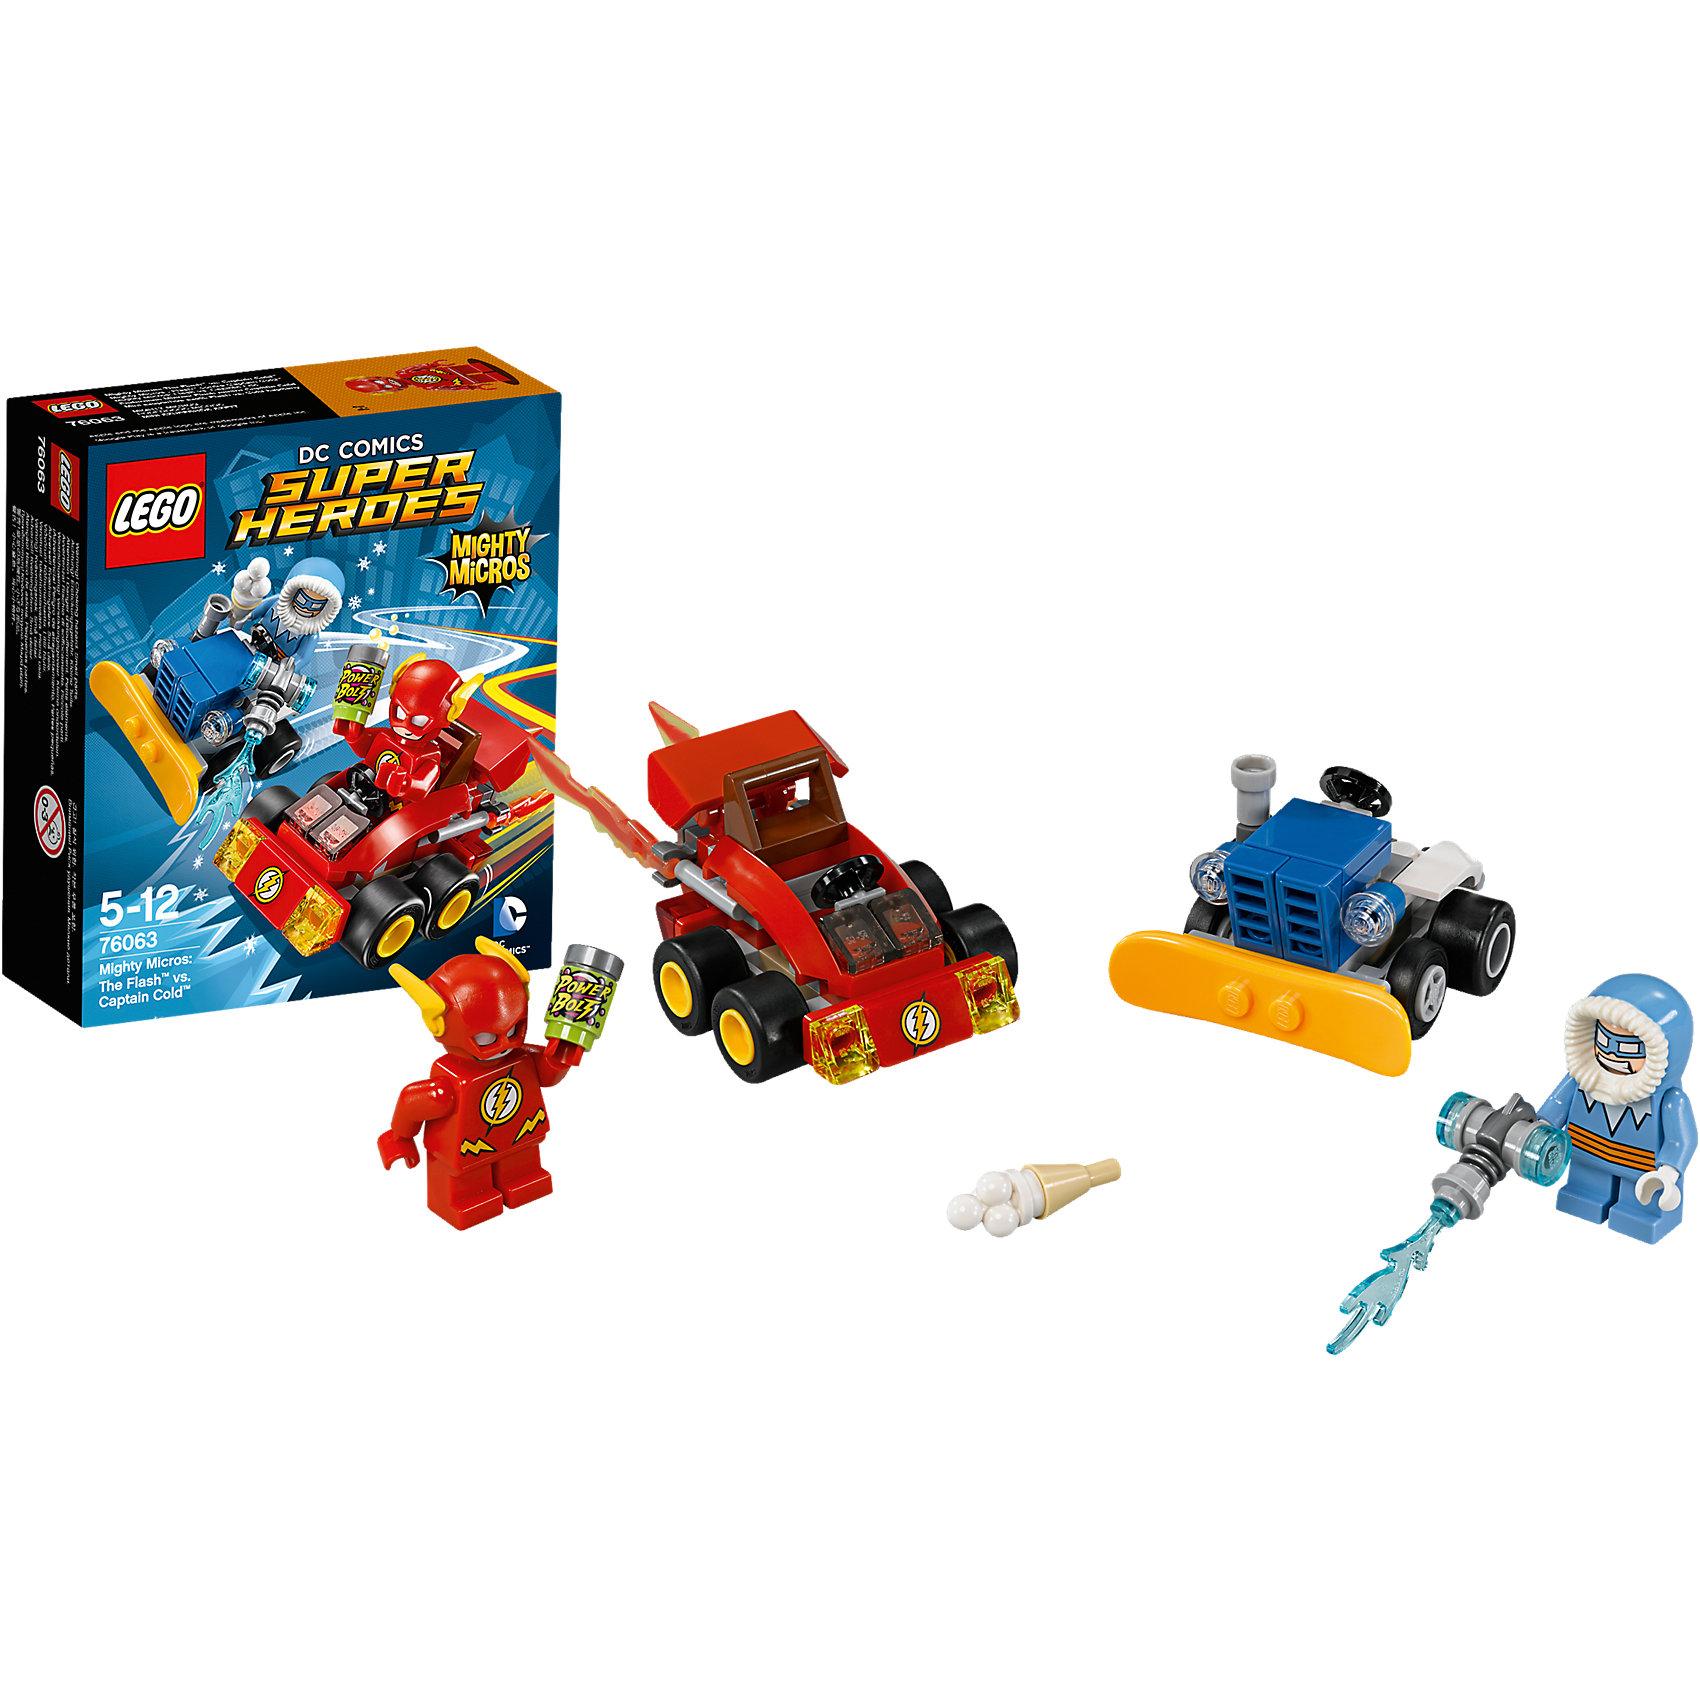 LEGO Super Heroes 76063: Флэш против Капитана ХолодаВыпей энергетического напитка и разгони машину Флэша до максимальной скорости. Но осторожно— Капитан Холод стреляет из своего замораживающего ружья, установленного на снегоочистительной машине, чтобы заморозить дорогу. Уворачивайся от льда и догоняй этого леденящего кровь злодея!<br><br>LEGO Super Heroes (ЛЕГО Супер Герои) - серия конструкторов созданная специально по мотивам всеми известных комиксов. Спасай мир и борись со злом вместе с любимыми супергероями! Наборы серии можно комбинировать между собой, давая безграничные просторы для фантазии и придумывая свои новые истории. <br><br>Дополнительная информация:<br><br>- Конструкторы ЛЕГО развивают усидчивость, внимание, фантазию и мелкую моторику. <br>- 2 минифигурки в комплекте: Флэш, Капитан Холод.  <br>- В комплекте 2 минифигурки, машина Флэша, снегоочистительная машина Капитана Холод. <br>- Колеса машин вращаются.<br>- Количество деталей: 89.<br>- Серия ЛЕГО Супер Герои (LEGO Super Heroes).<br>- Материал: пластик.<br>- Размер упаковки: 14х4,6х12 см.<br>- Вес: 0.09 кг.<br><br>Конструктор LEGO Super Heroes 76063: Флэш против Капитана Холода купить в нашем магазине.<br><br>Ширина мм: 144<br>Глубина мм: 121<br>Высота мм: 50<br>Вес г: 83<br>Возраст от месяцев: 60<br>Возраст до месяцев: 144<br>Пол: Мужской<br>Возраст: Детский<br>SKU: 4259165